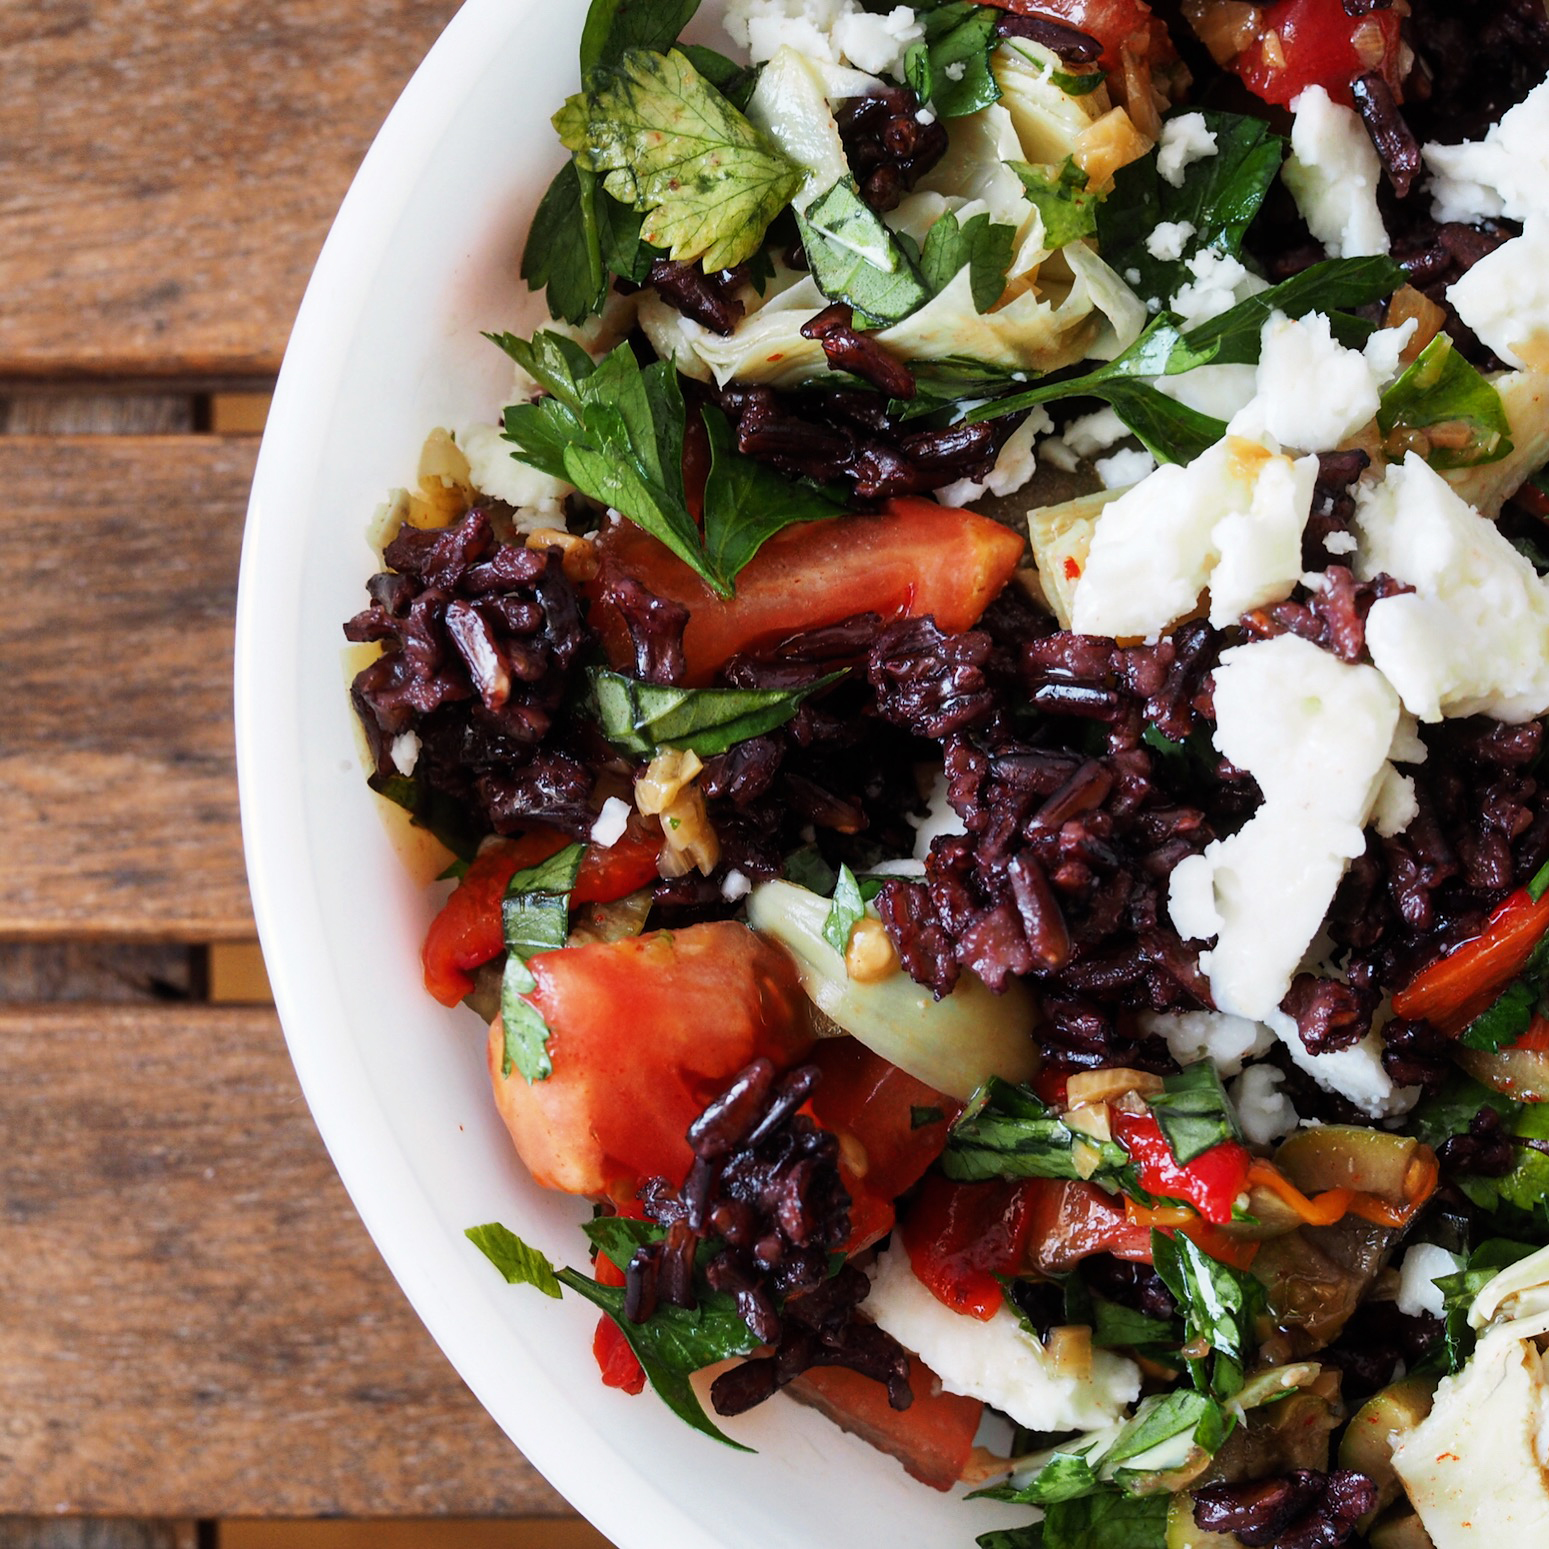 Buzdolabındaki malzemeleri birleştirerek farklı tahıl salataları yapmak çok basit; haşlanmış siyah pirinç, domates, enginar kalbi, peynir, zeytin ve maydanoz.